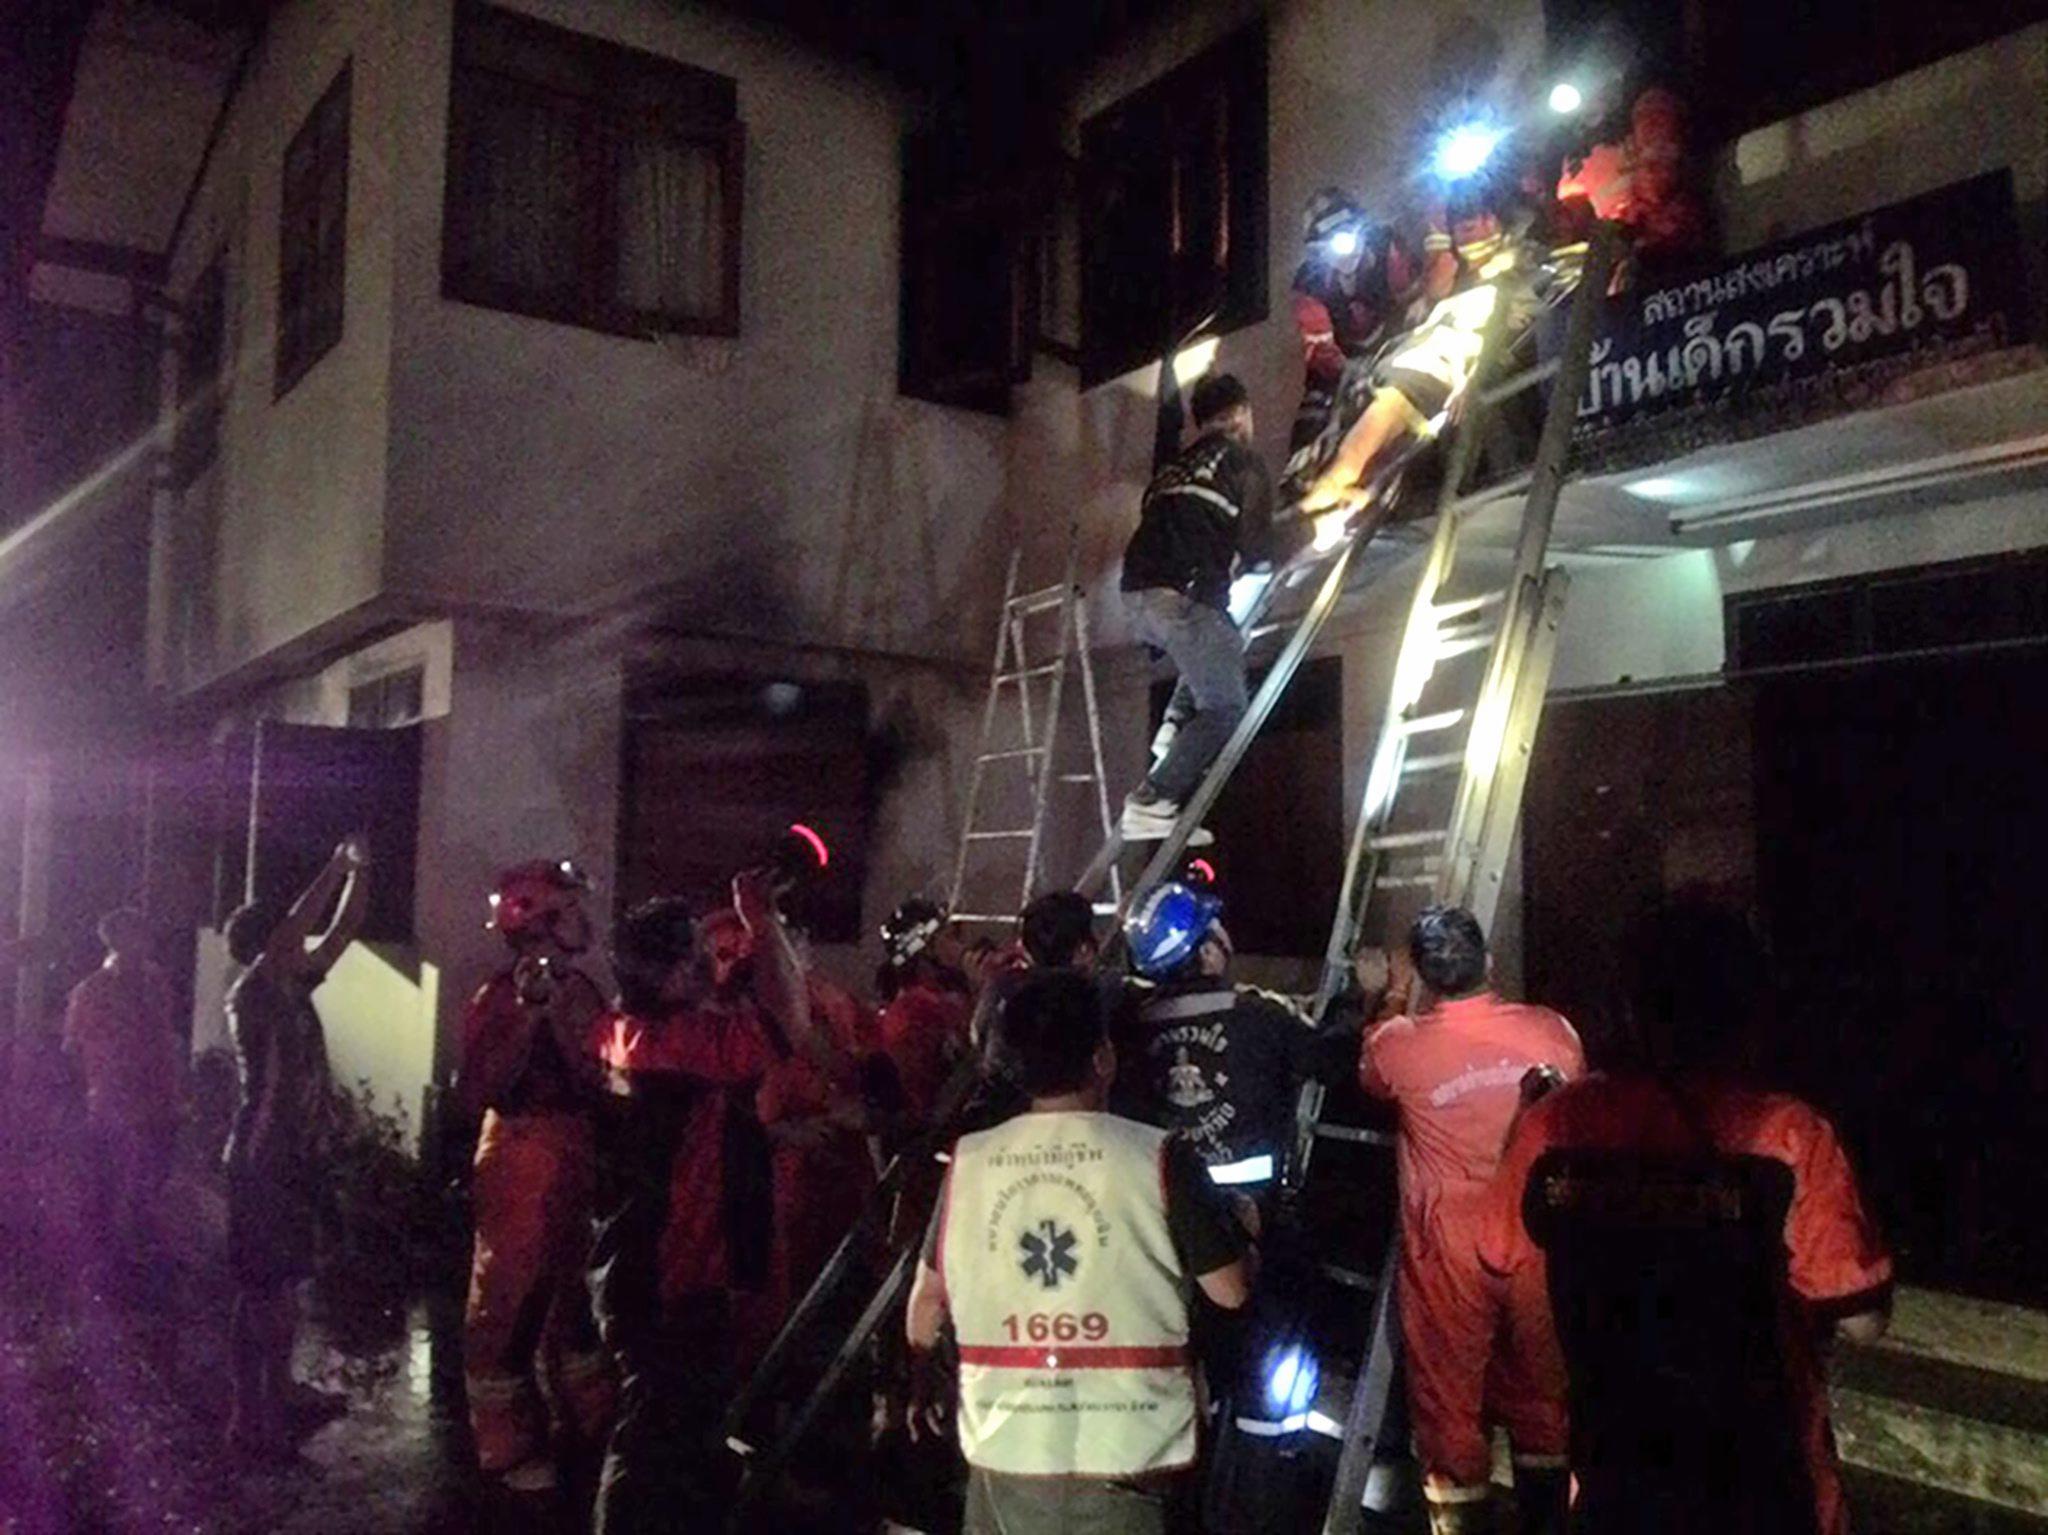 Tragedie in Thailanda. Cel putin 18 eleve au pierit intr-un incendiu devastator din dormitorul unei scoli private